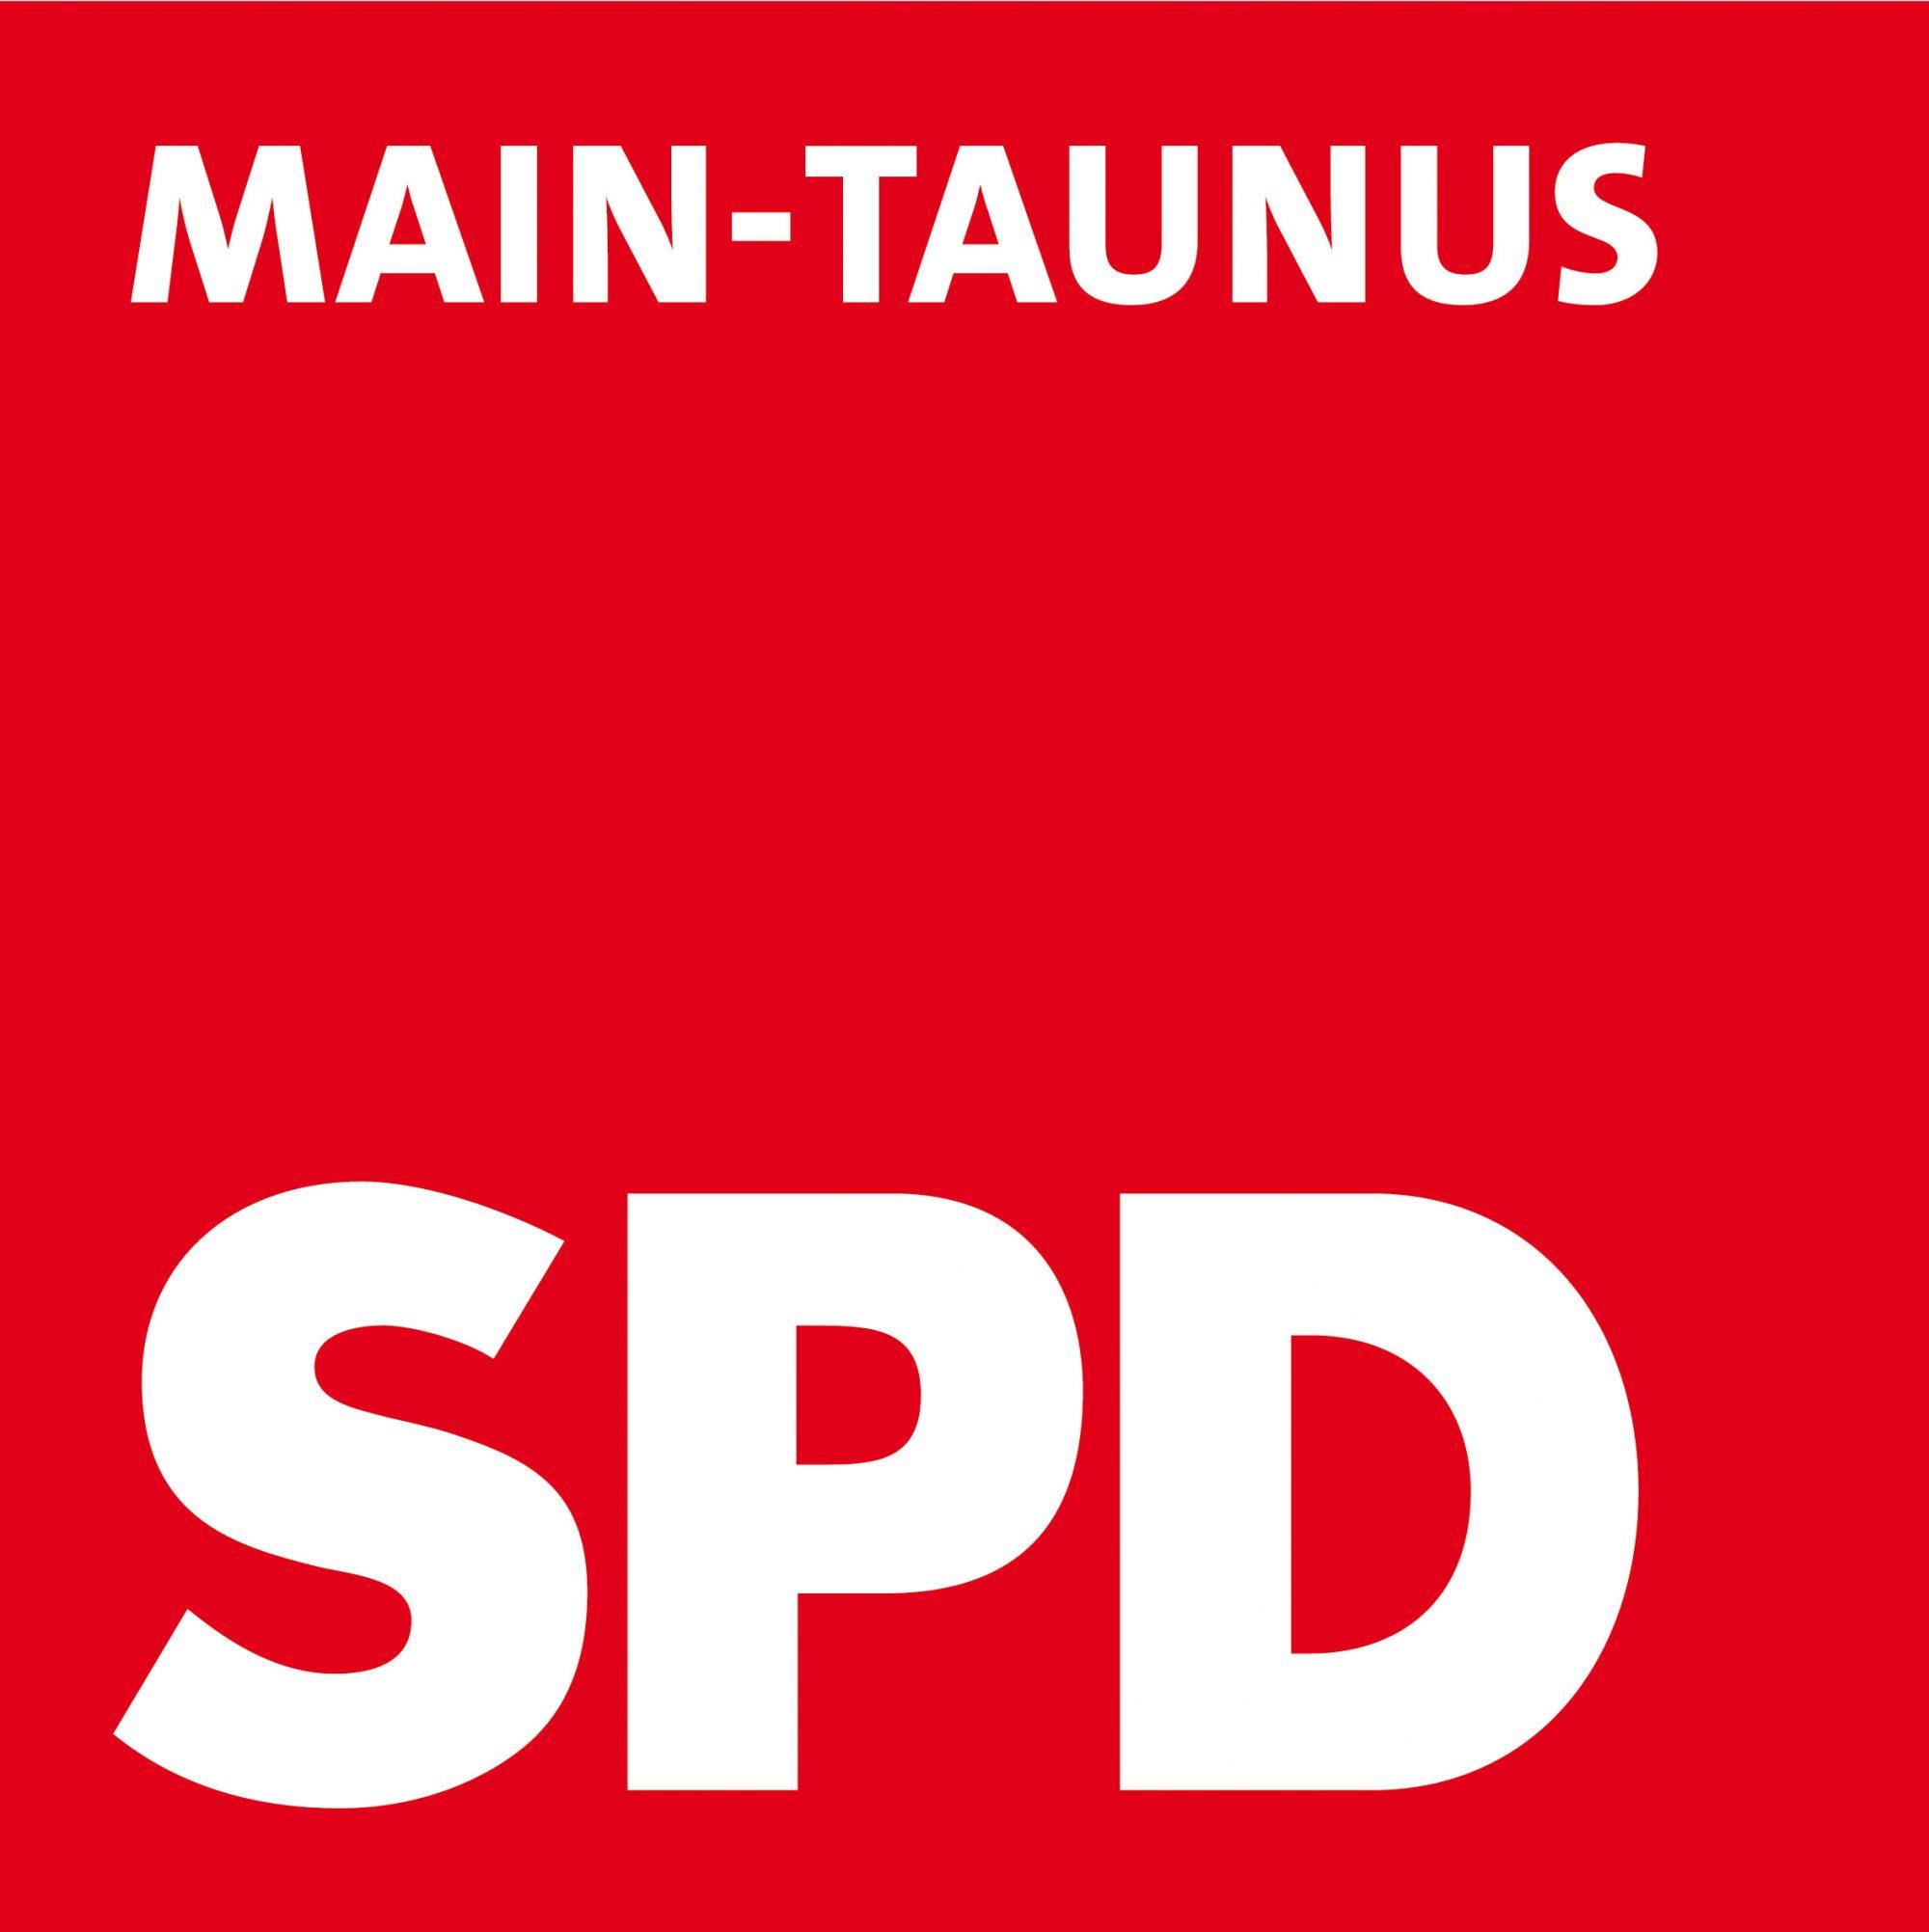 Logo: SPD Main-Taunus